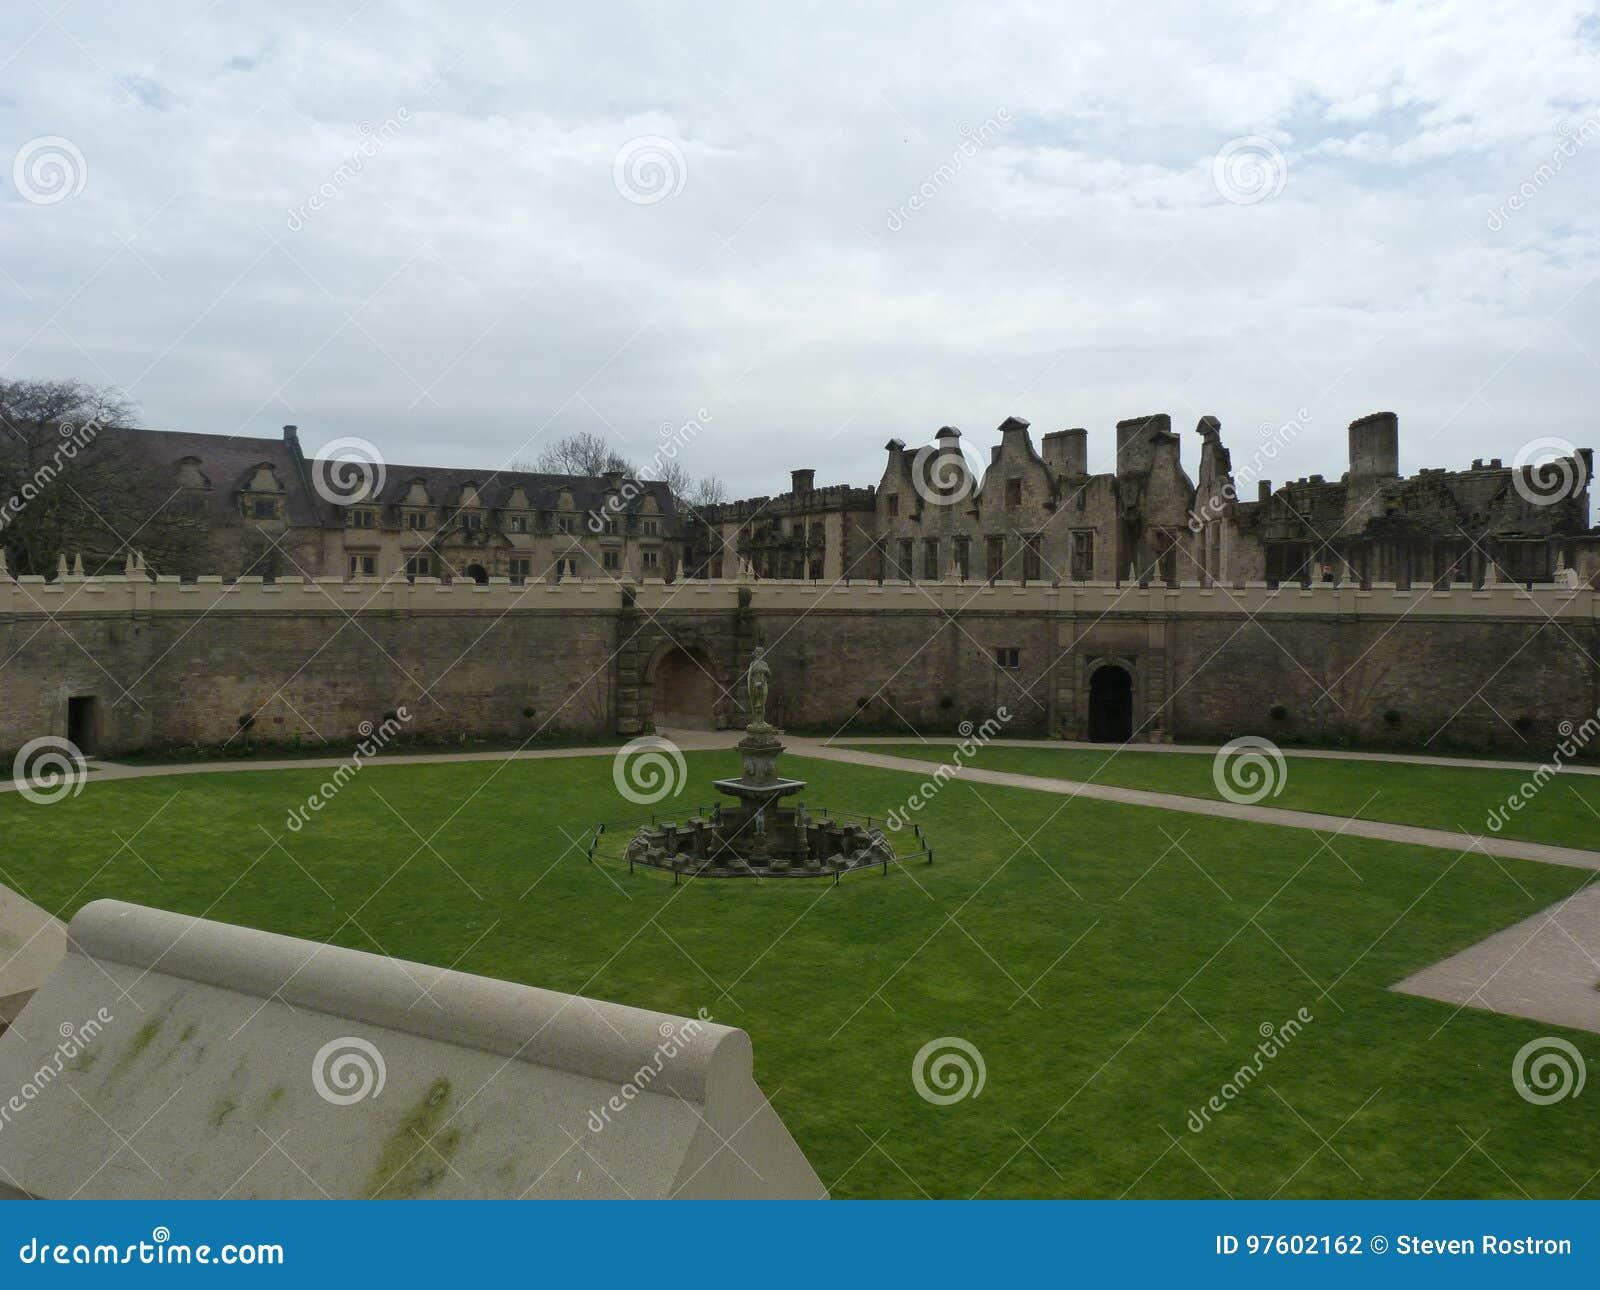 Schöner Brunnen in einem Schloss-Garten